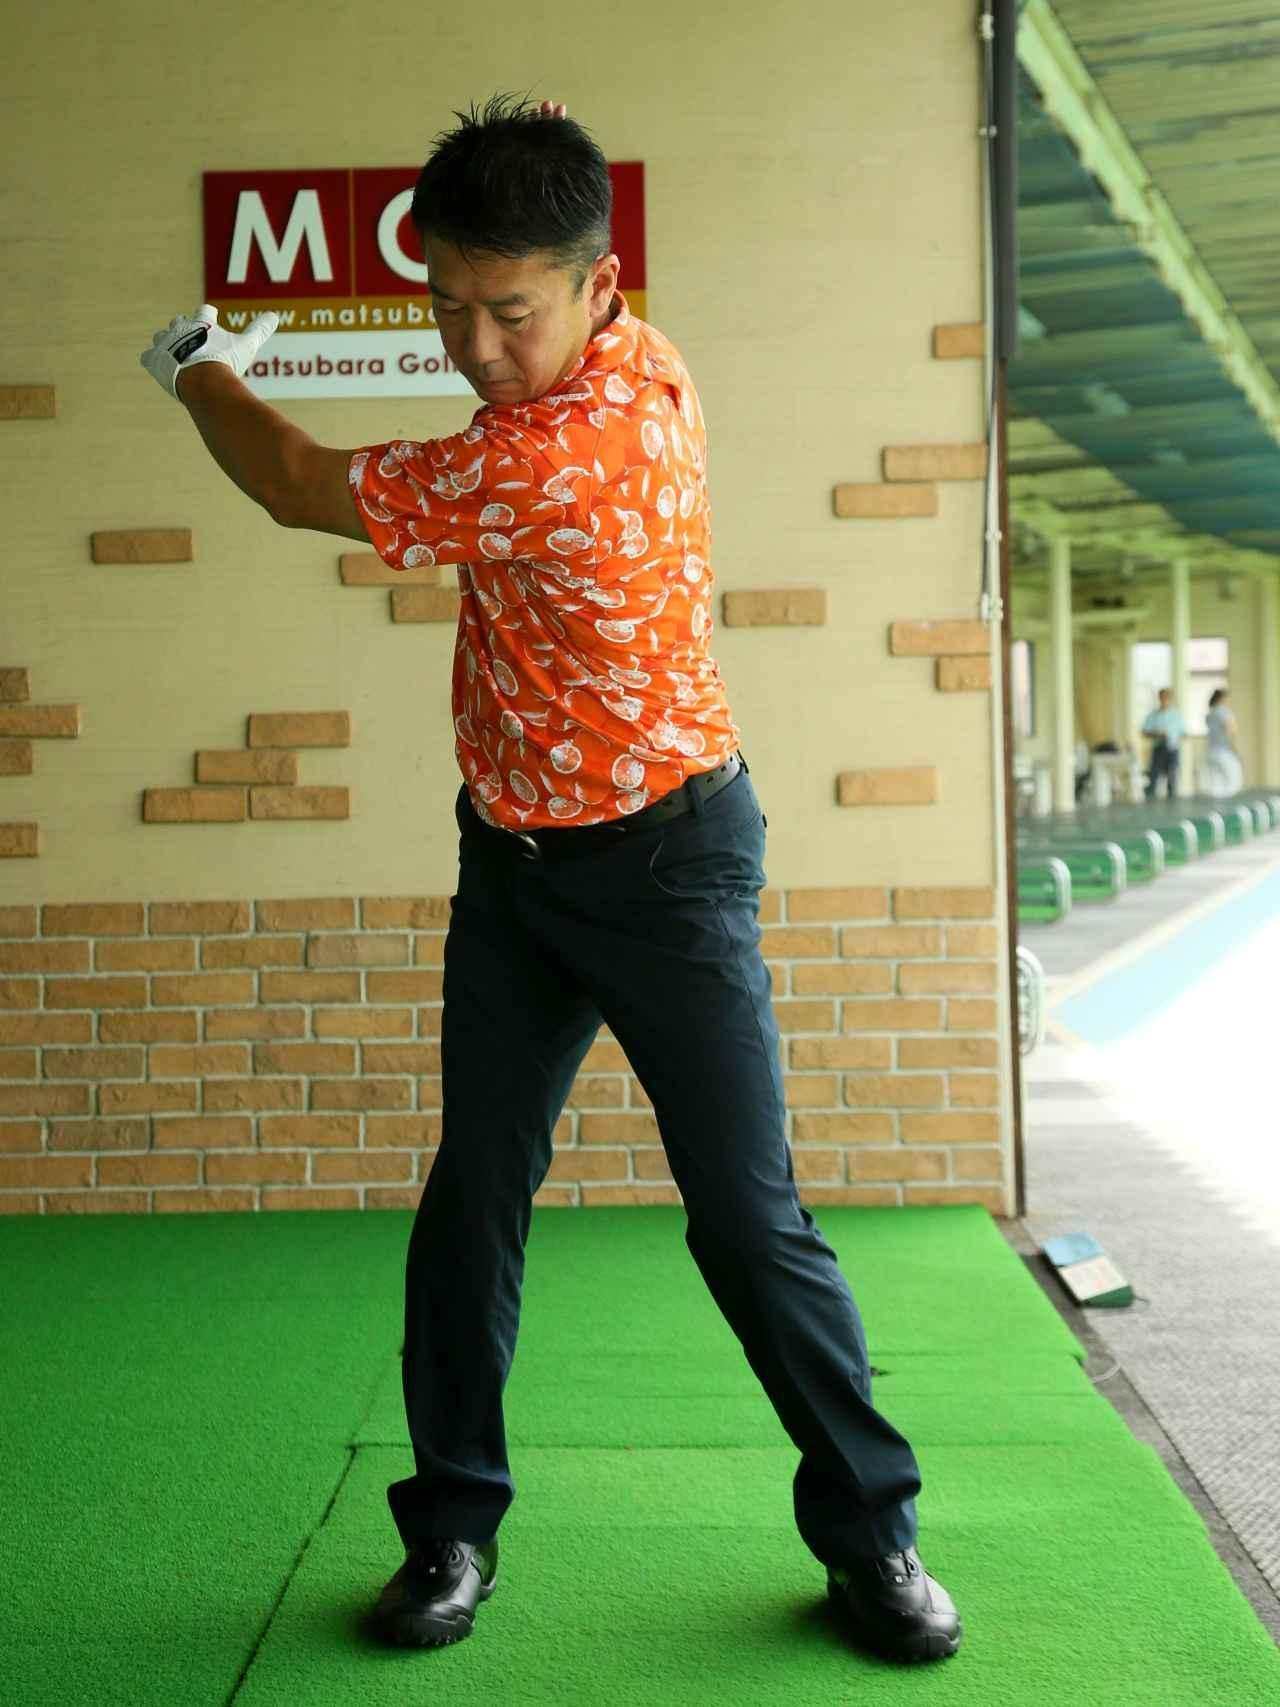 画像9: 【練習方法】プレー前夜、練習場に駆け込んだらコレ! アベレージゴルファーのための「ラウンド前の一夜漬け練習」